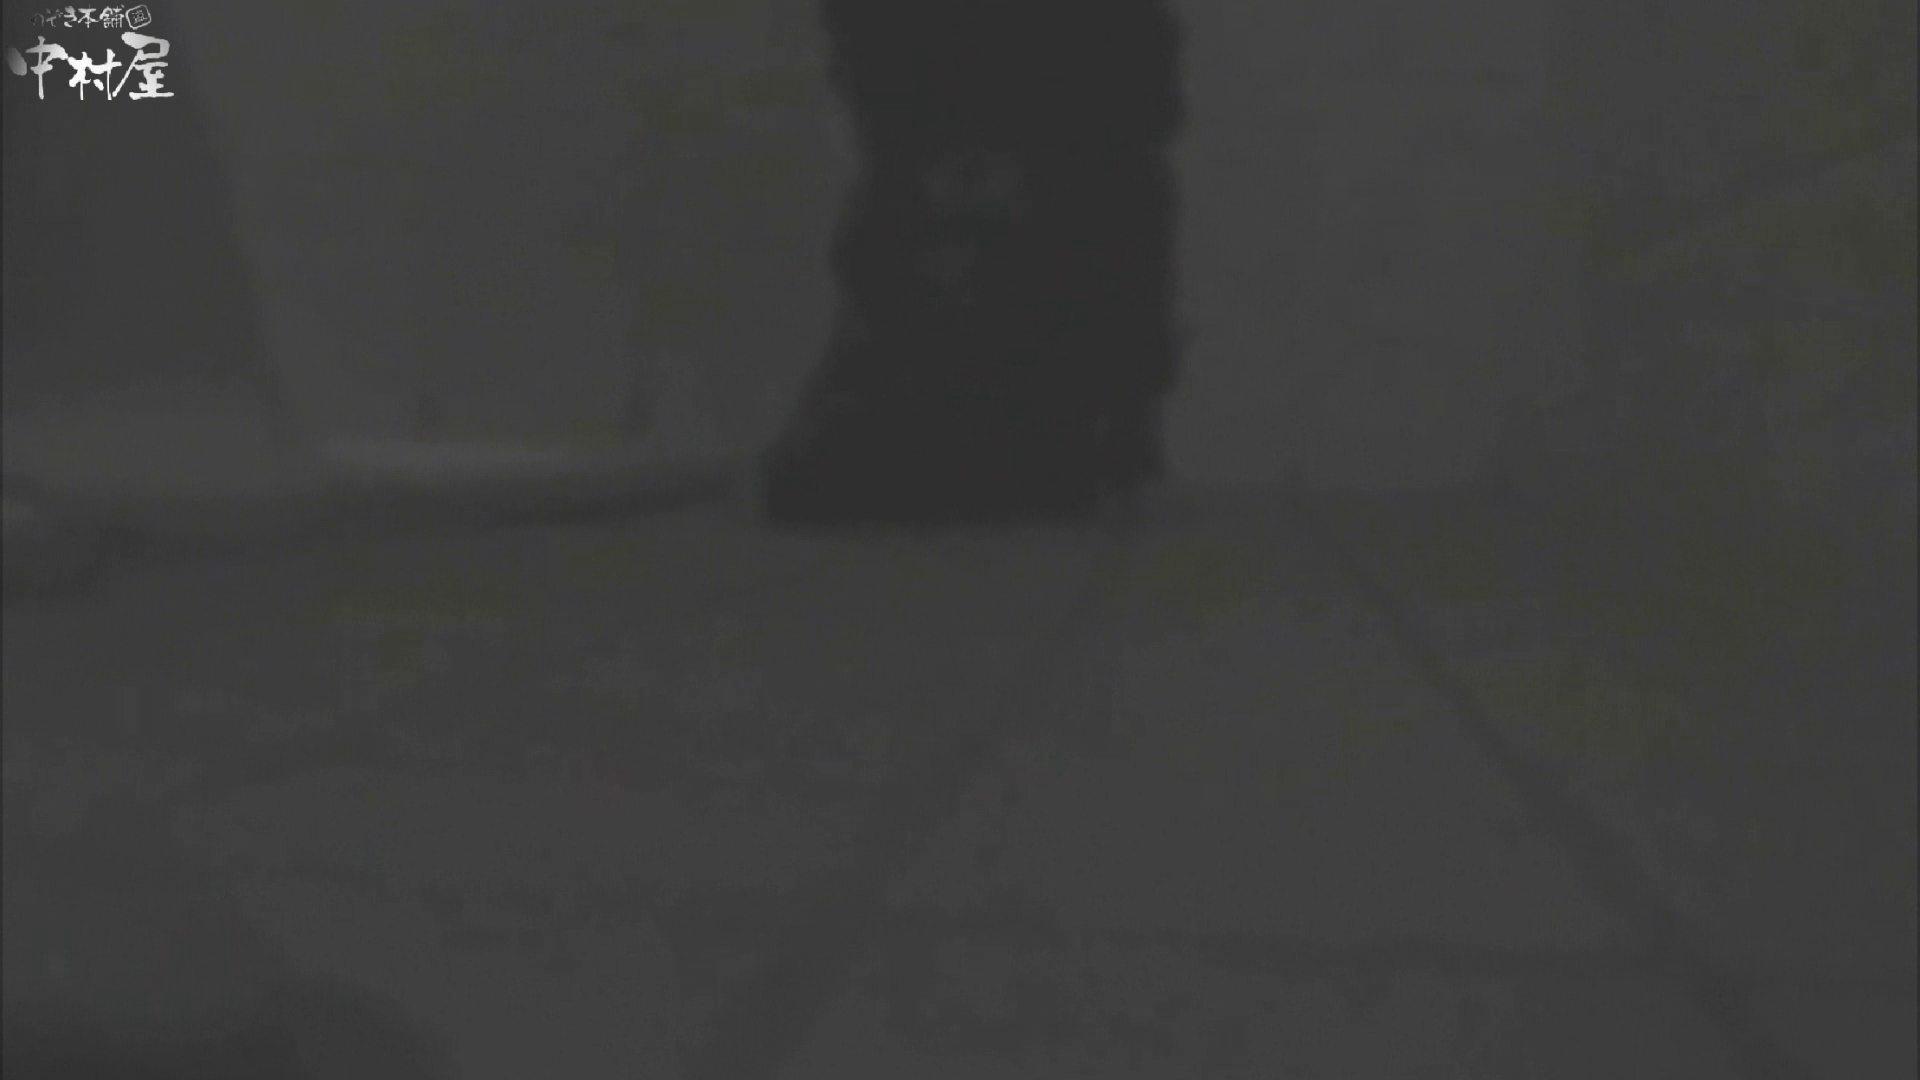 解禁!海の家4カメ洗面所vol.09 ギャルのエロ動画 濡れ場動画紹介 97PIX 17